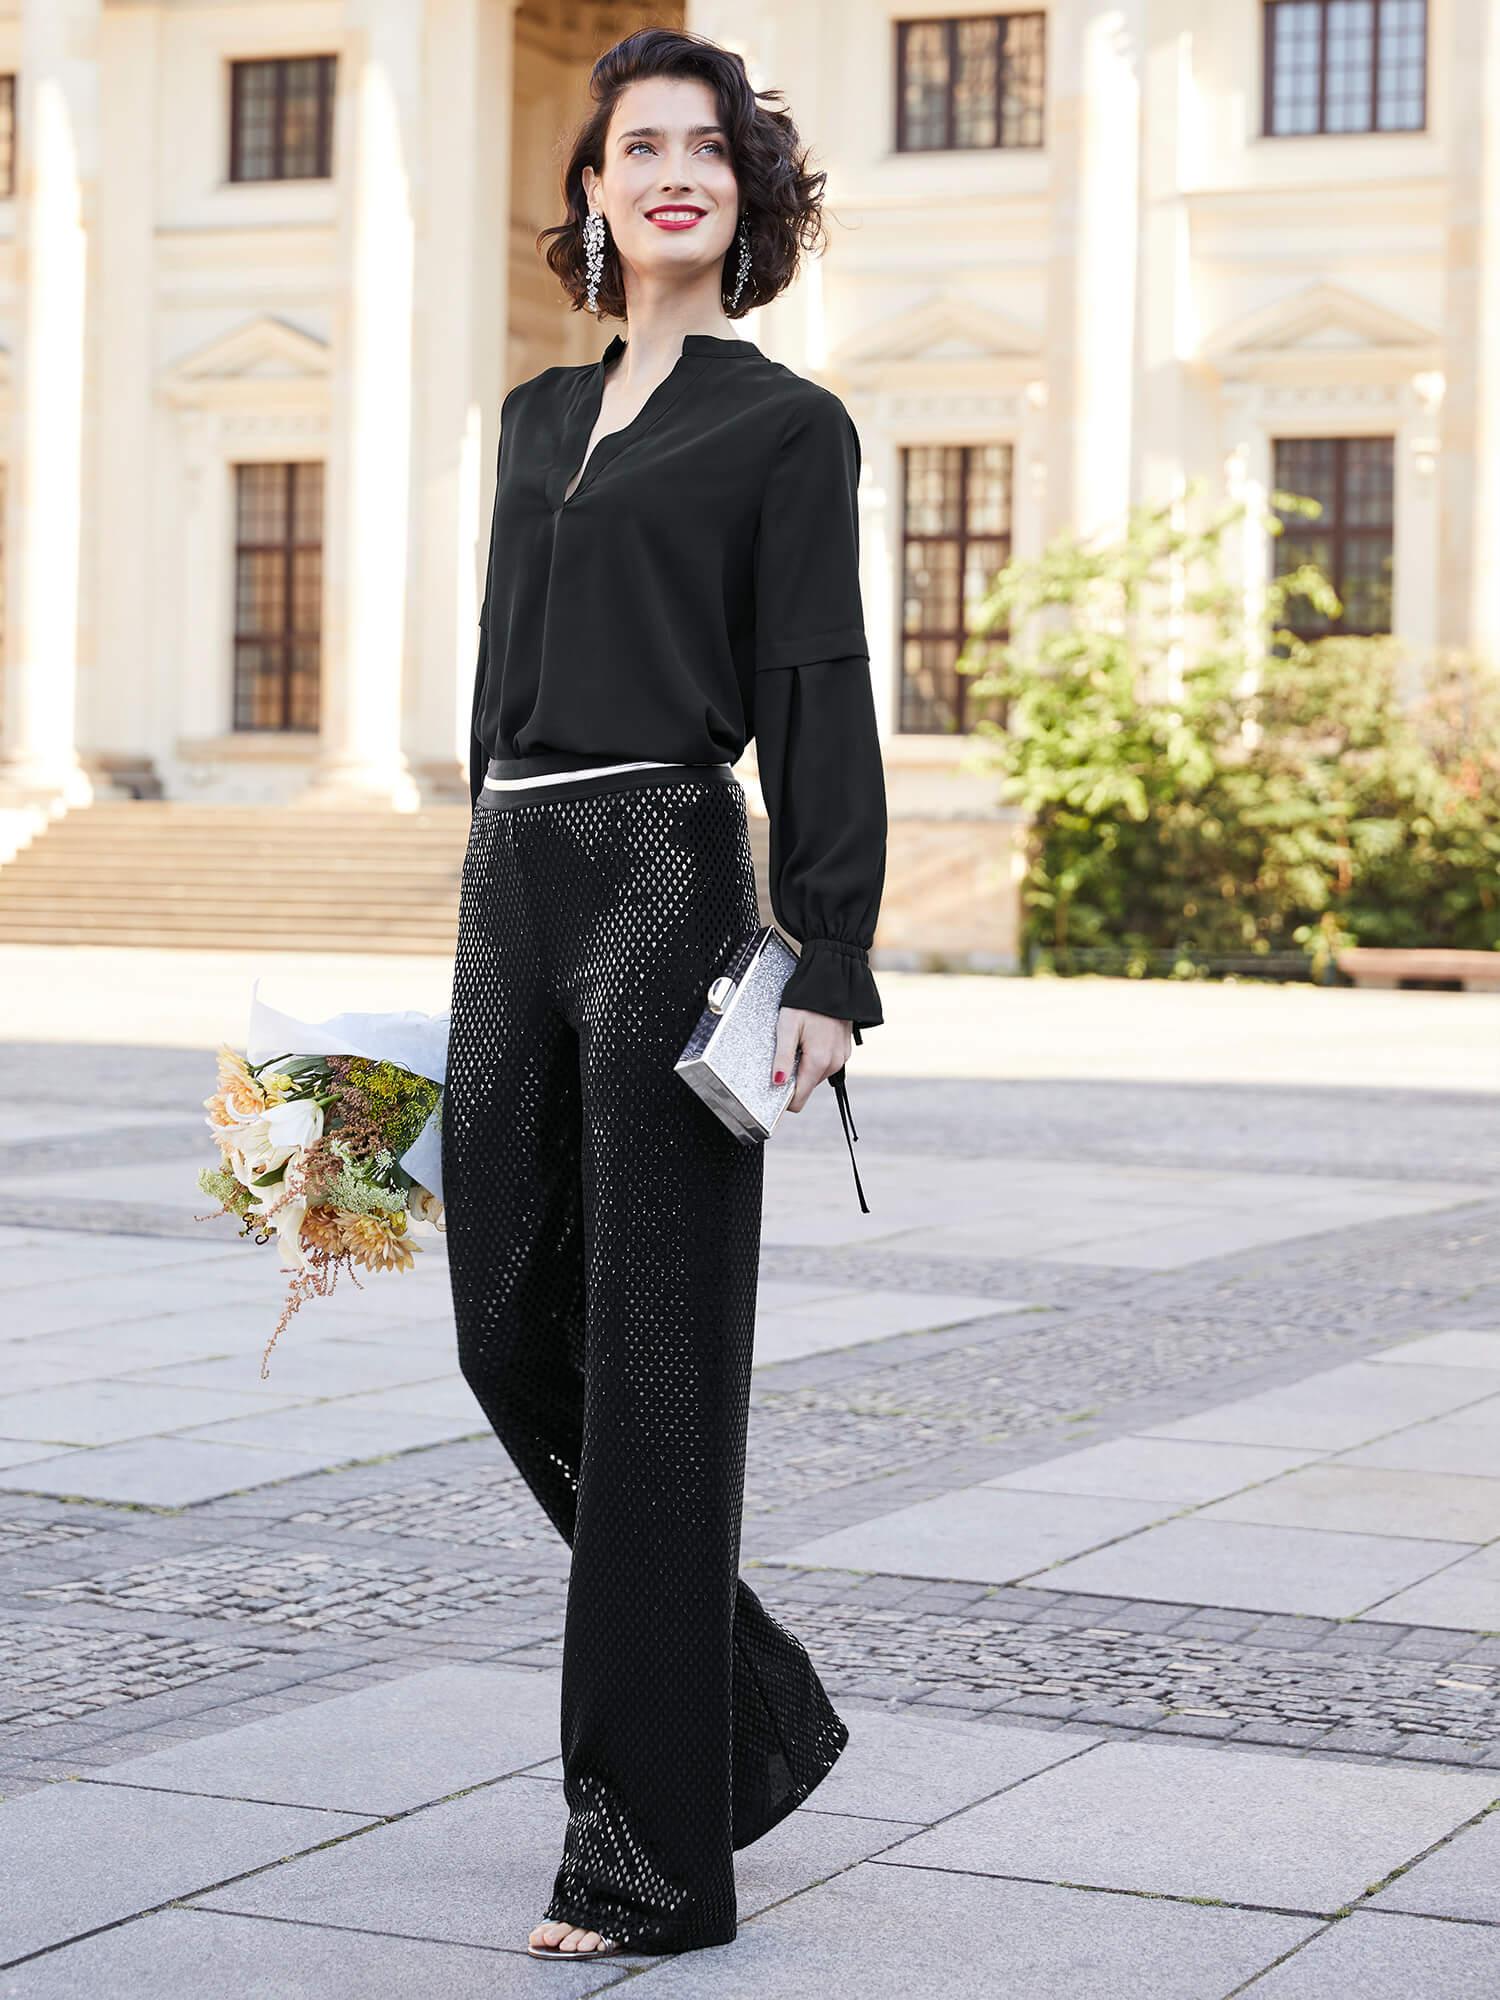 Frau in schwarzem Outfit.